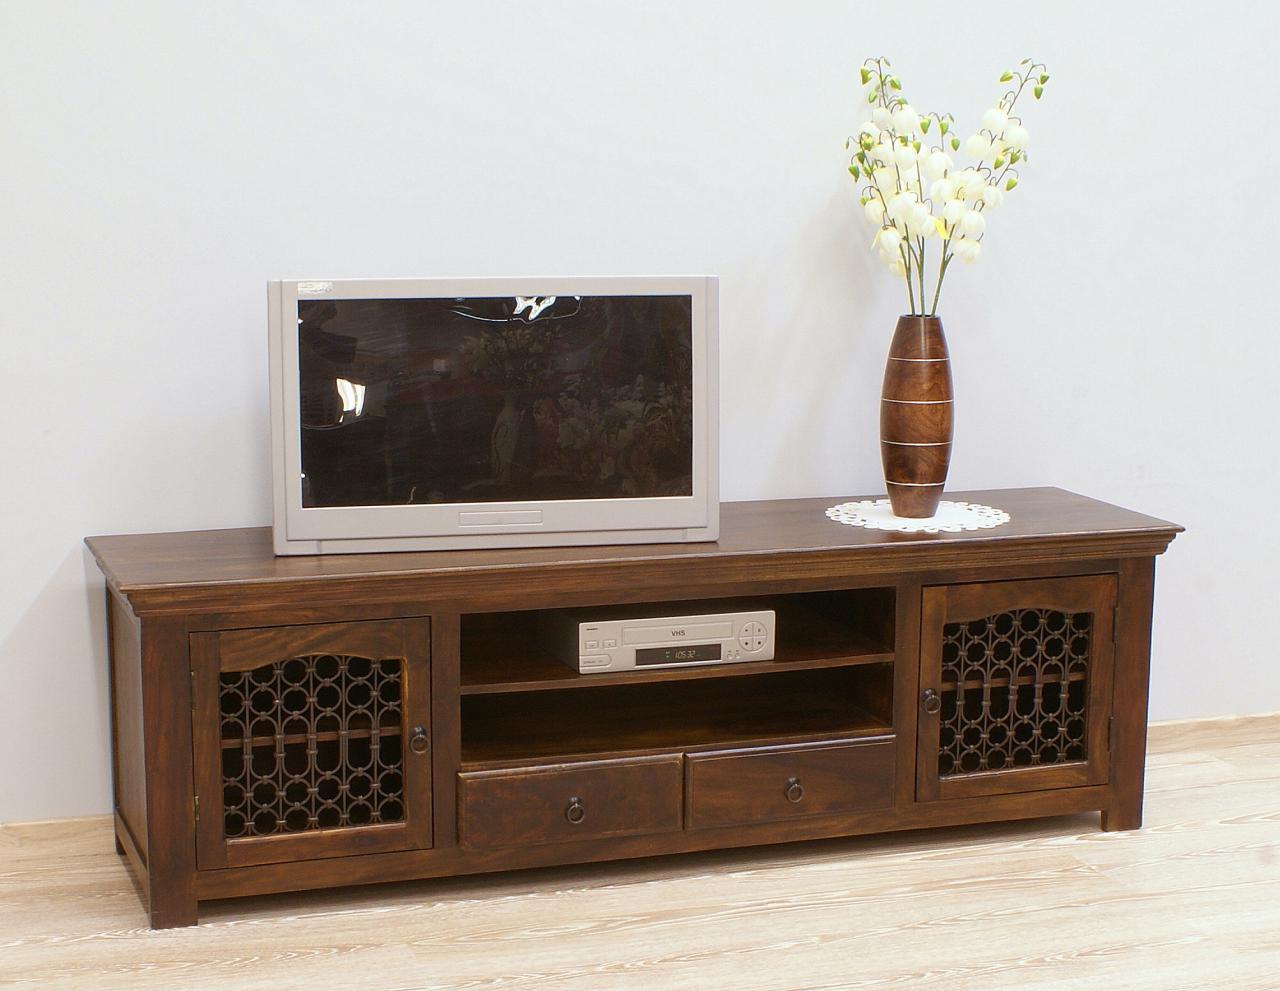 Komoda RTV szafka pod telewizor z szufladkami lite drewno palisander indyjski metaloplastyka